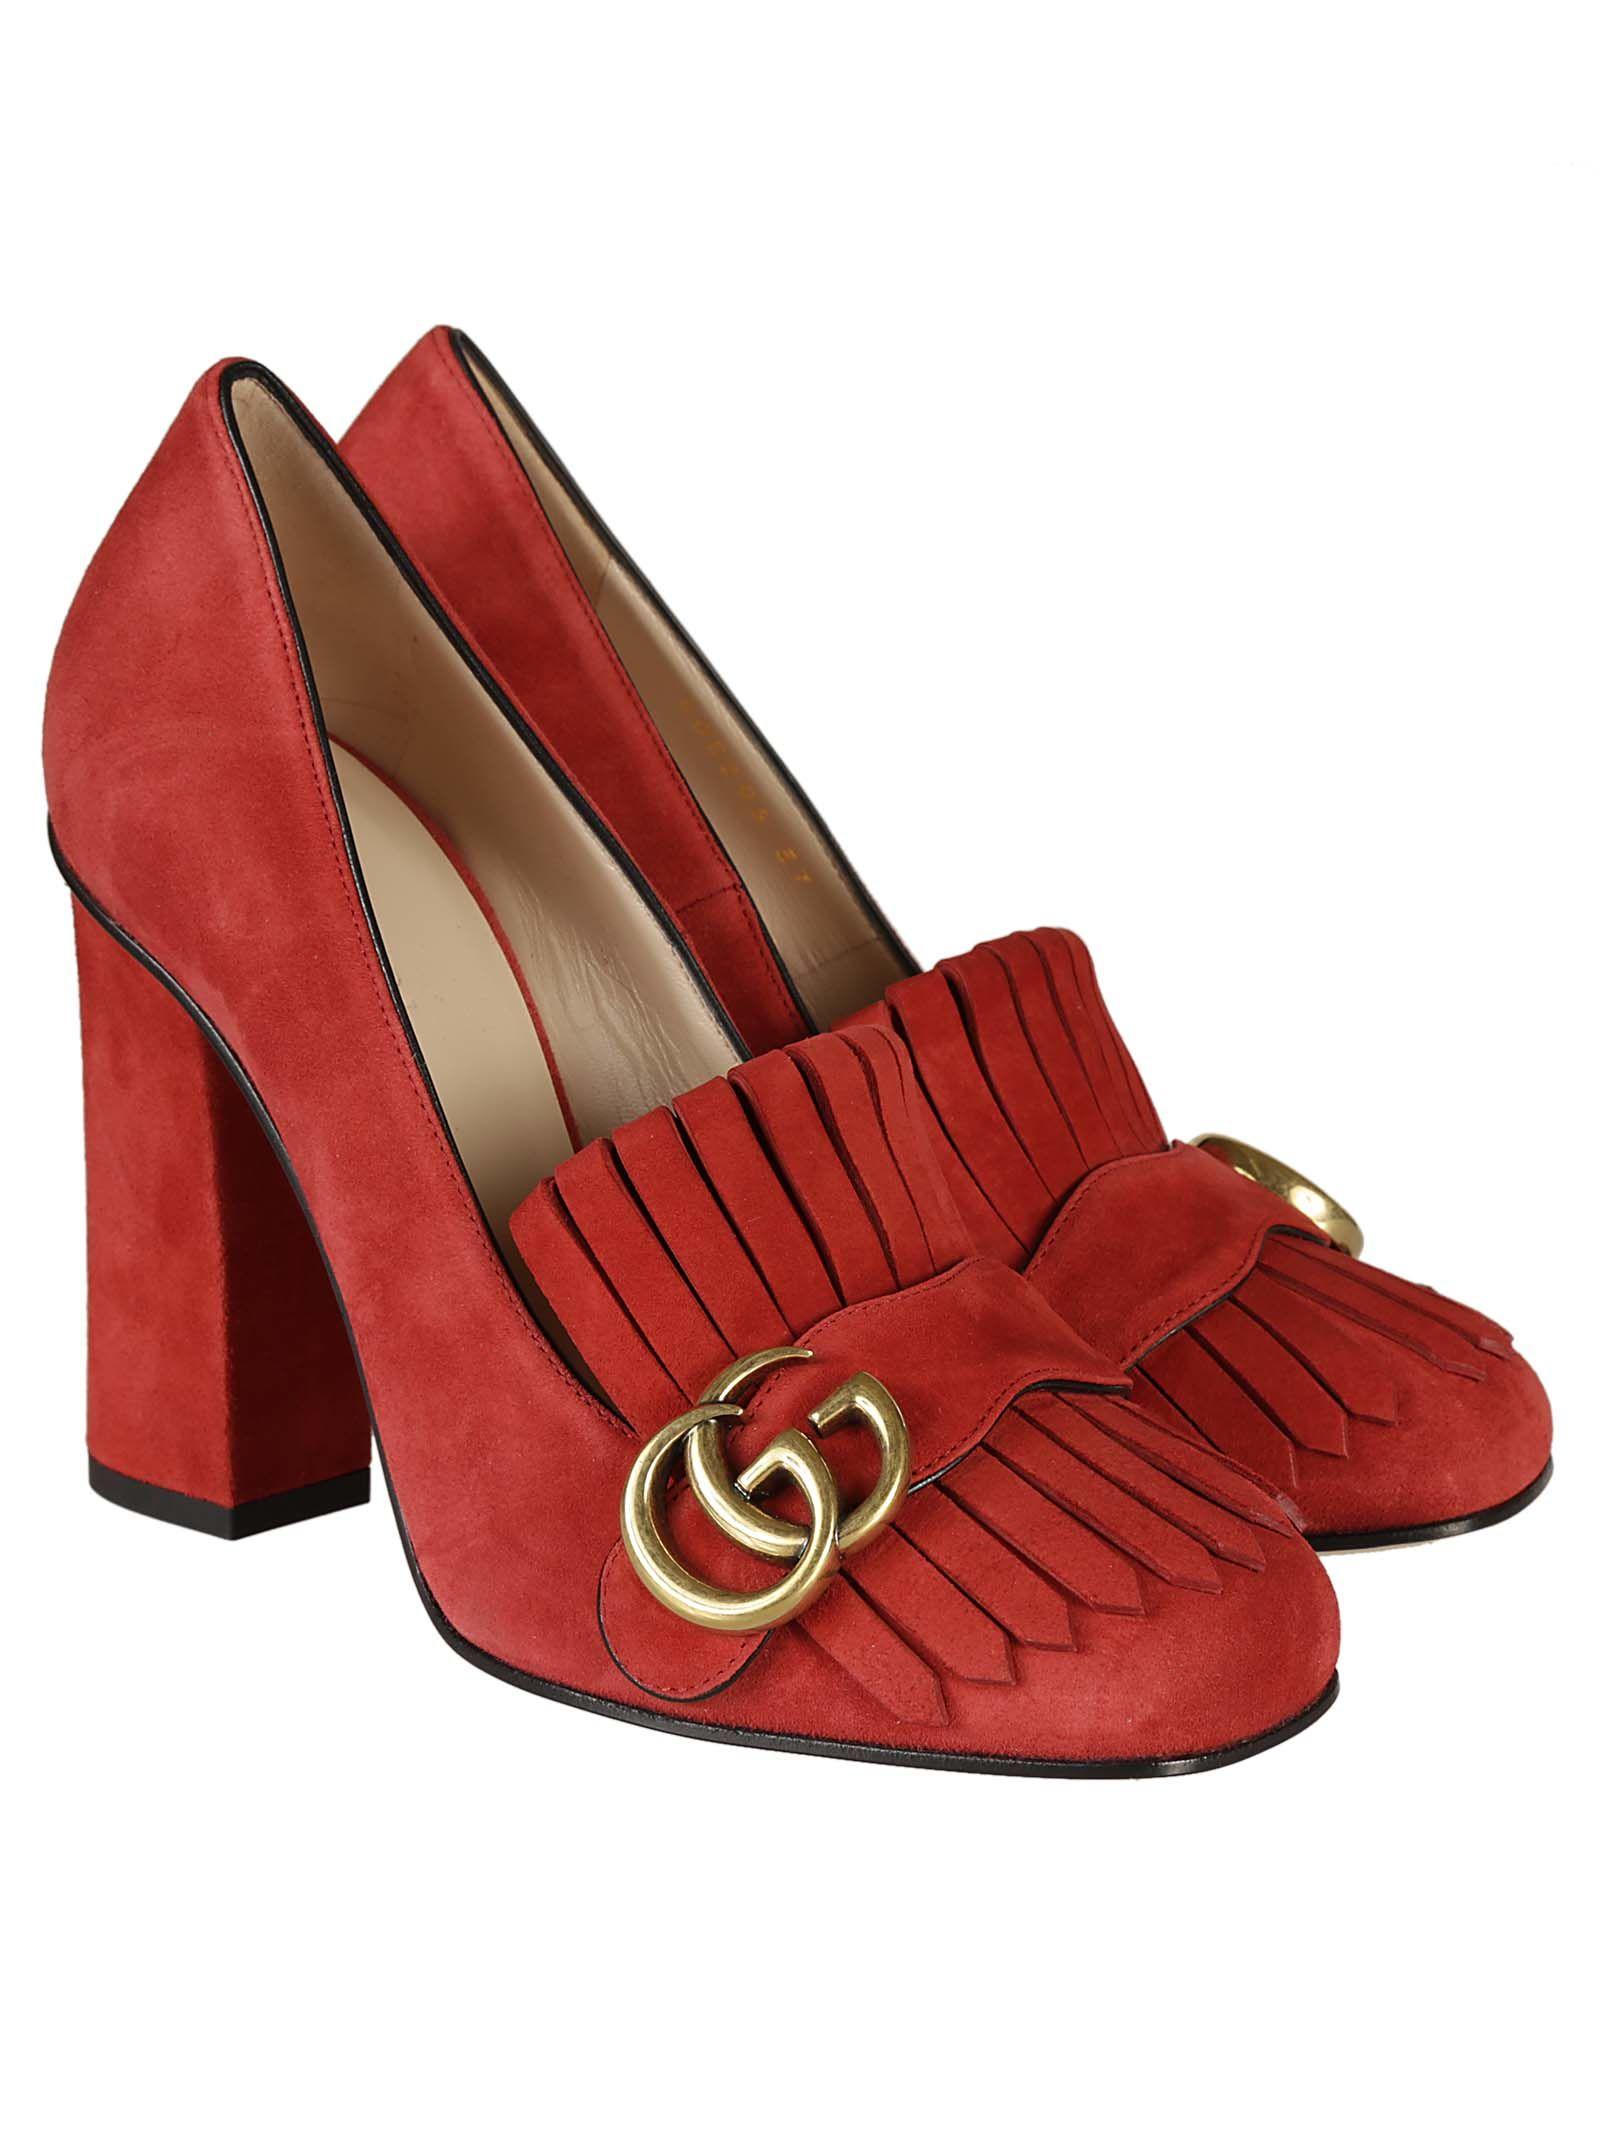 0e28250997 Gucci Gucci Suede Pumps - Red - 592844 | italist